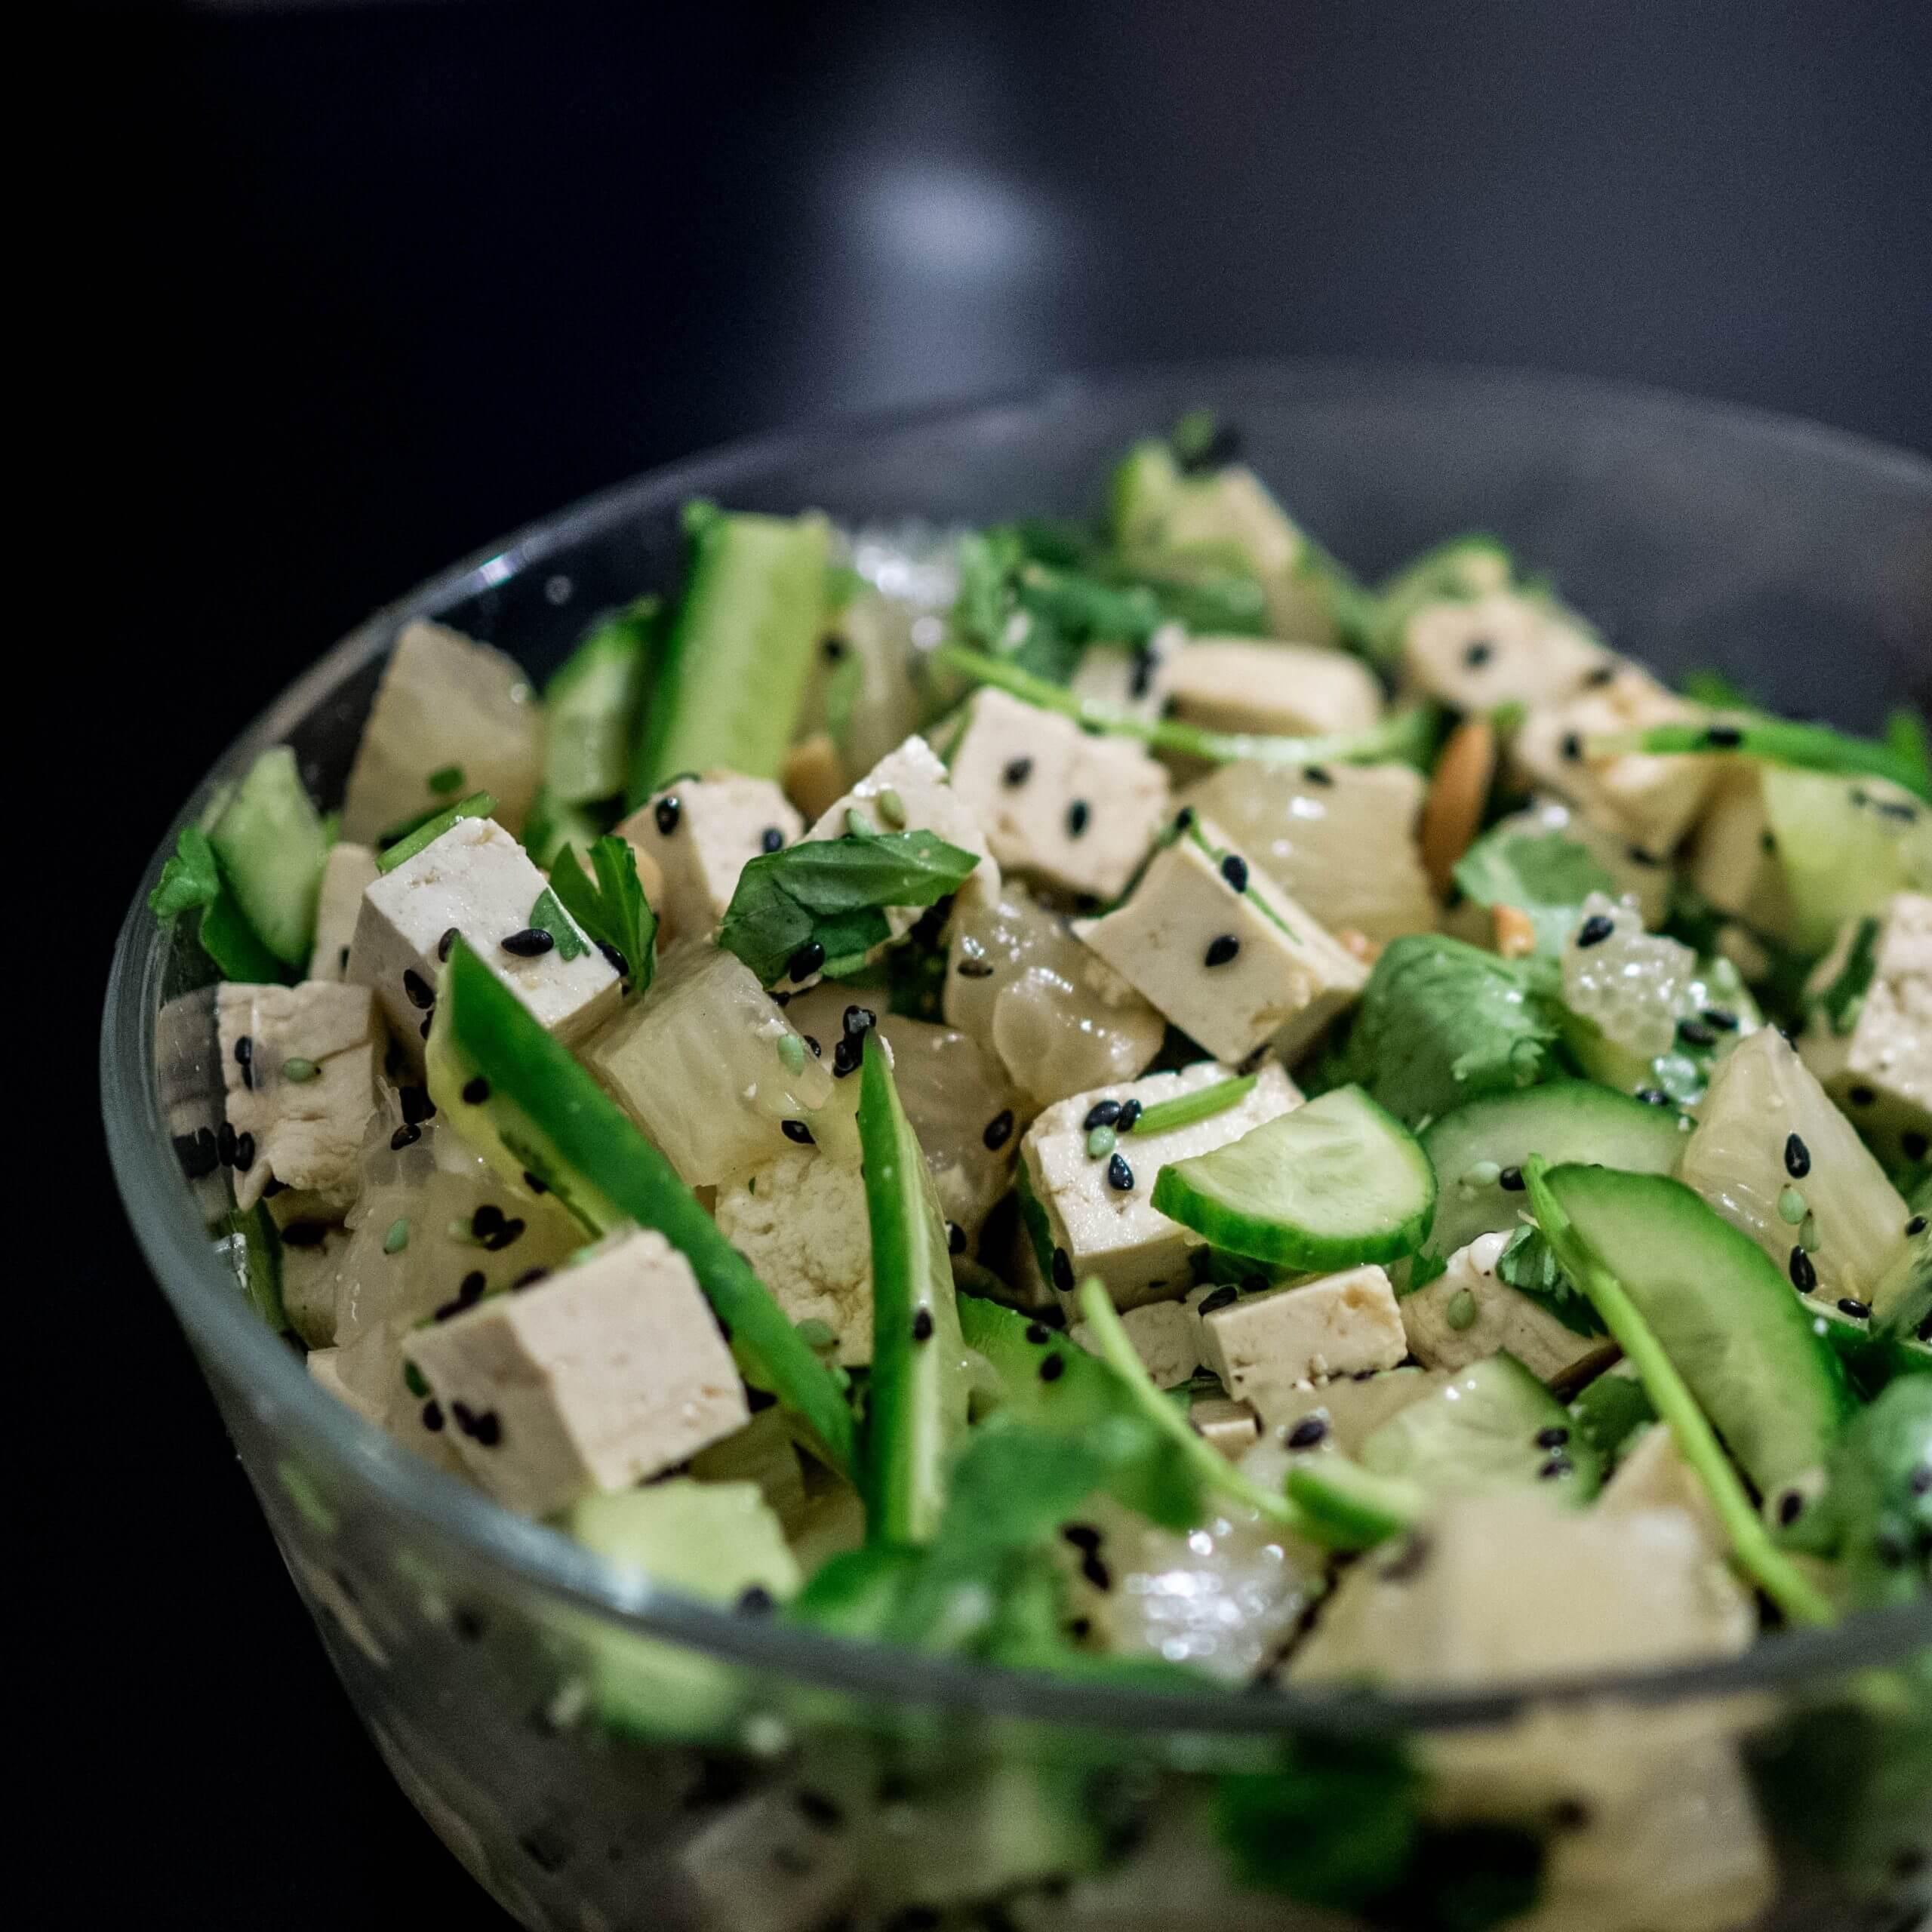 Šalát z tofu so zeleninou a sezamovými zrniečkami